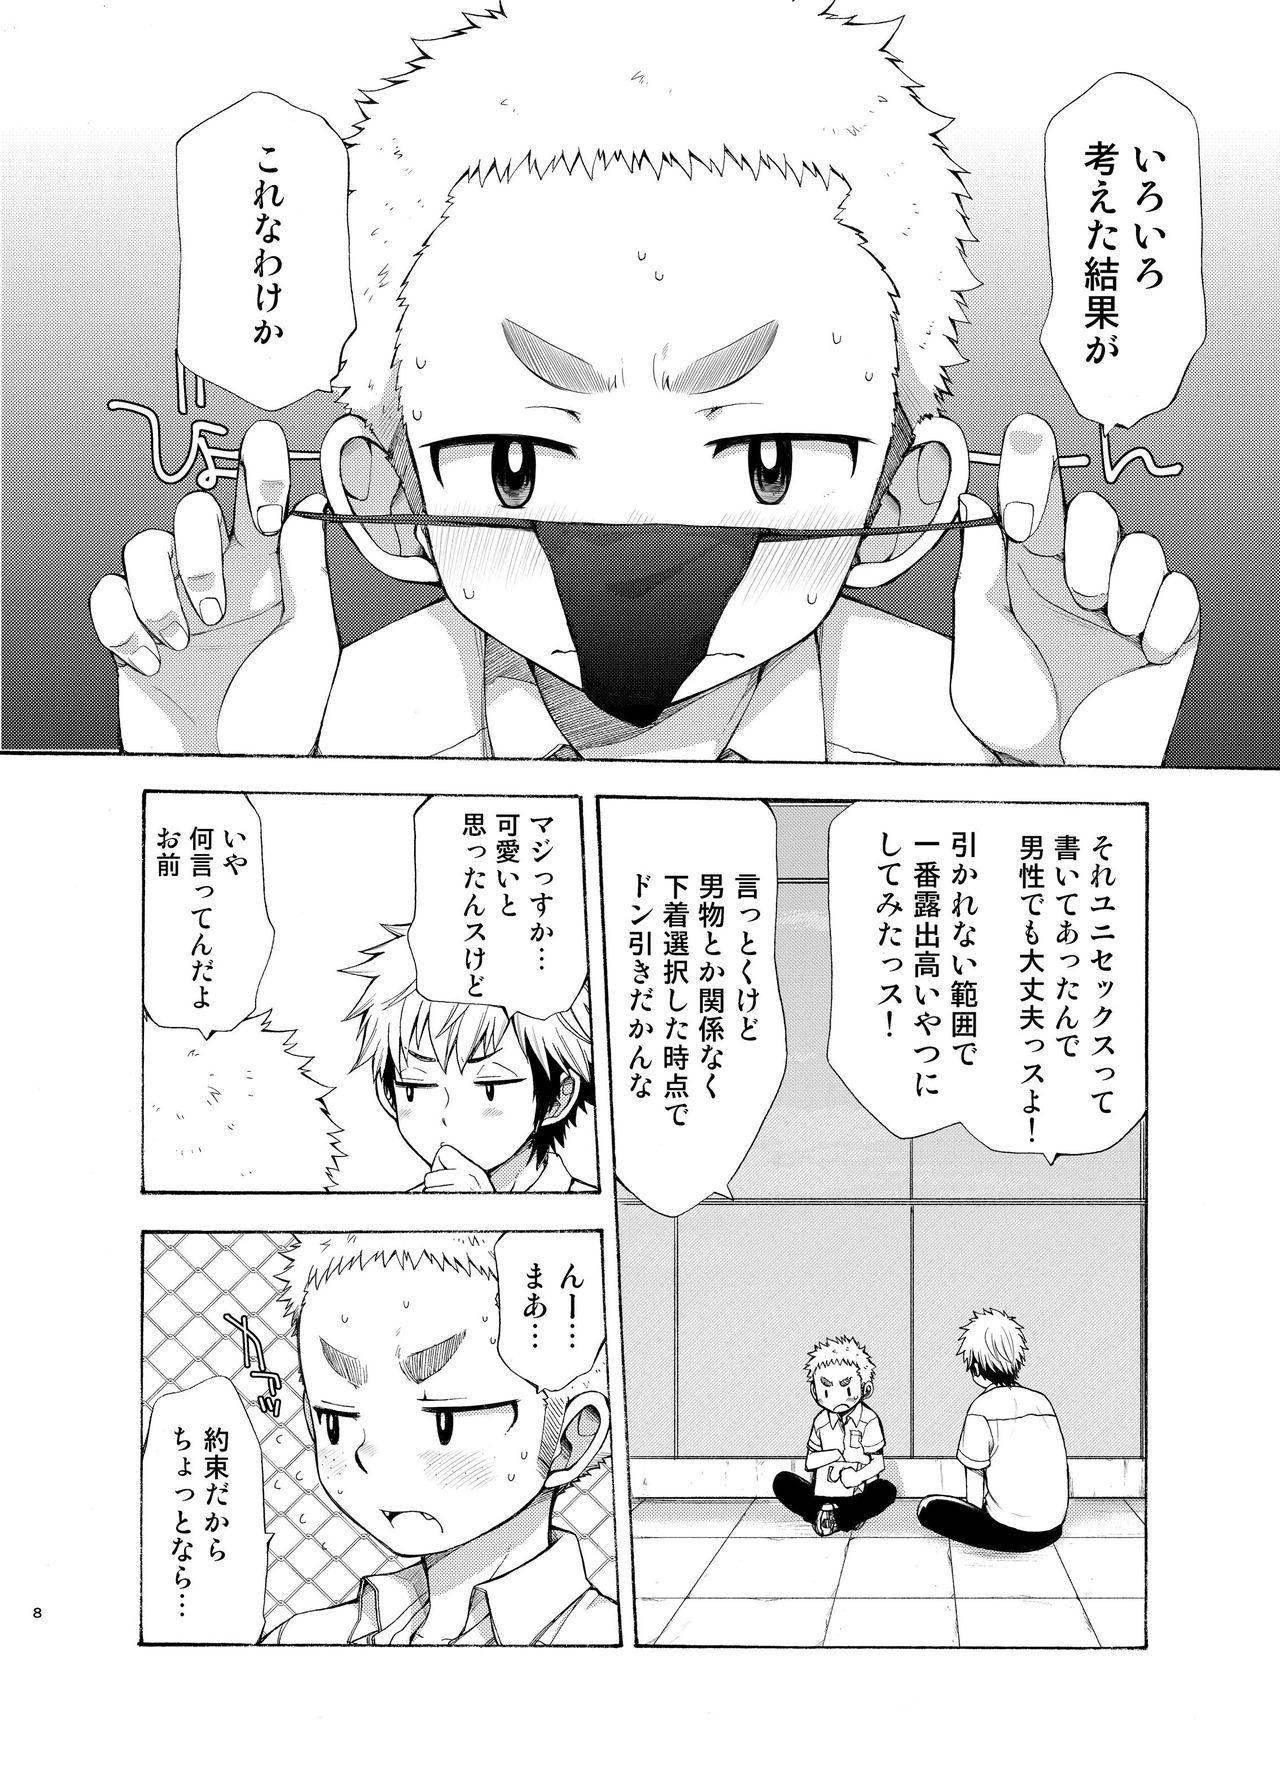 Yuuwaku ni Yowai Ore no Senpai 7